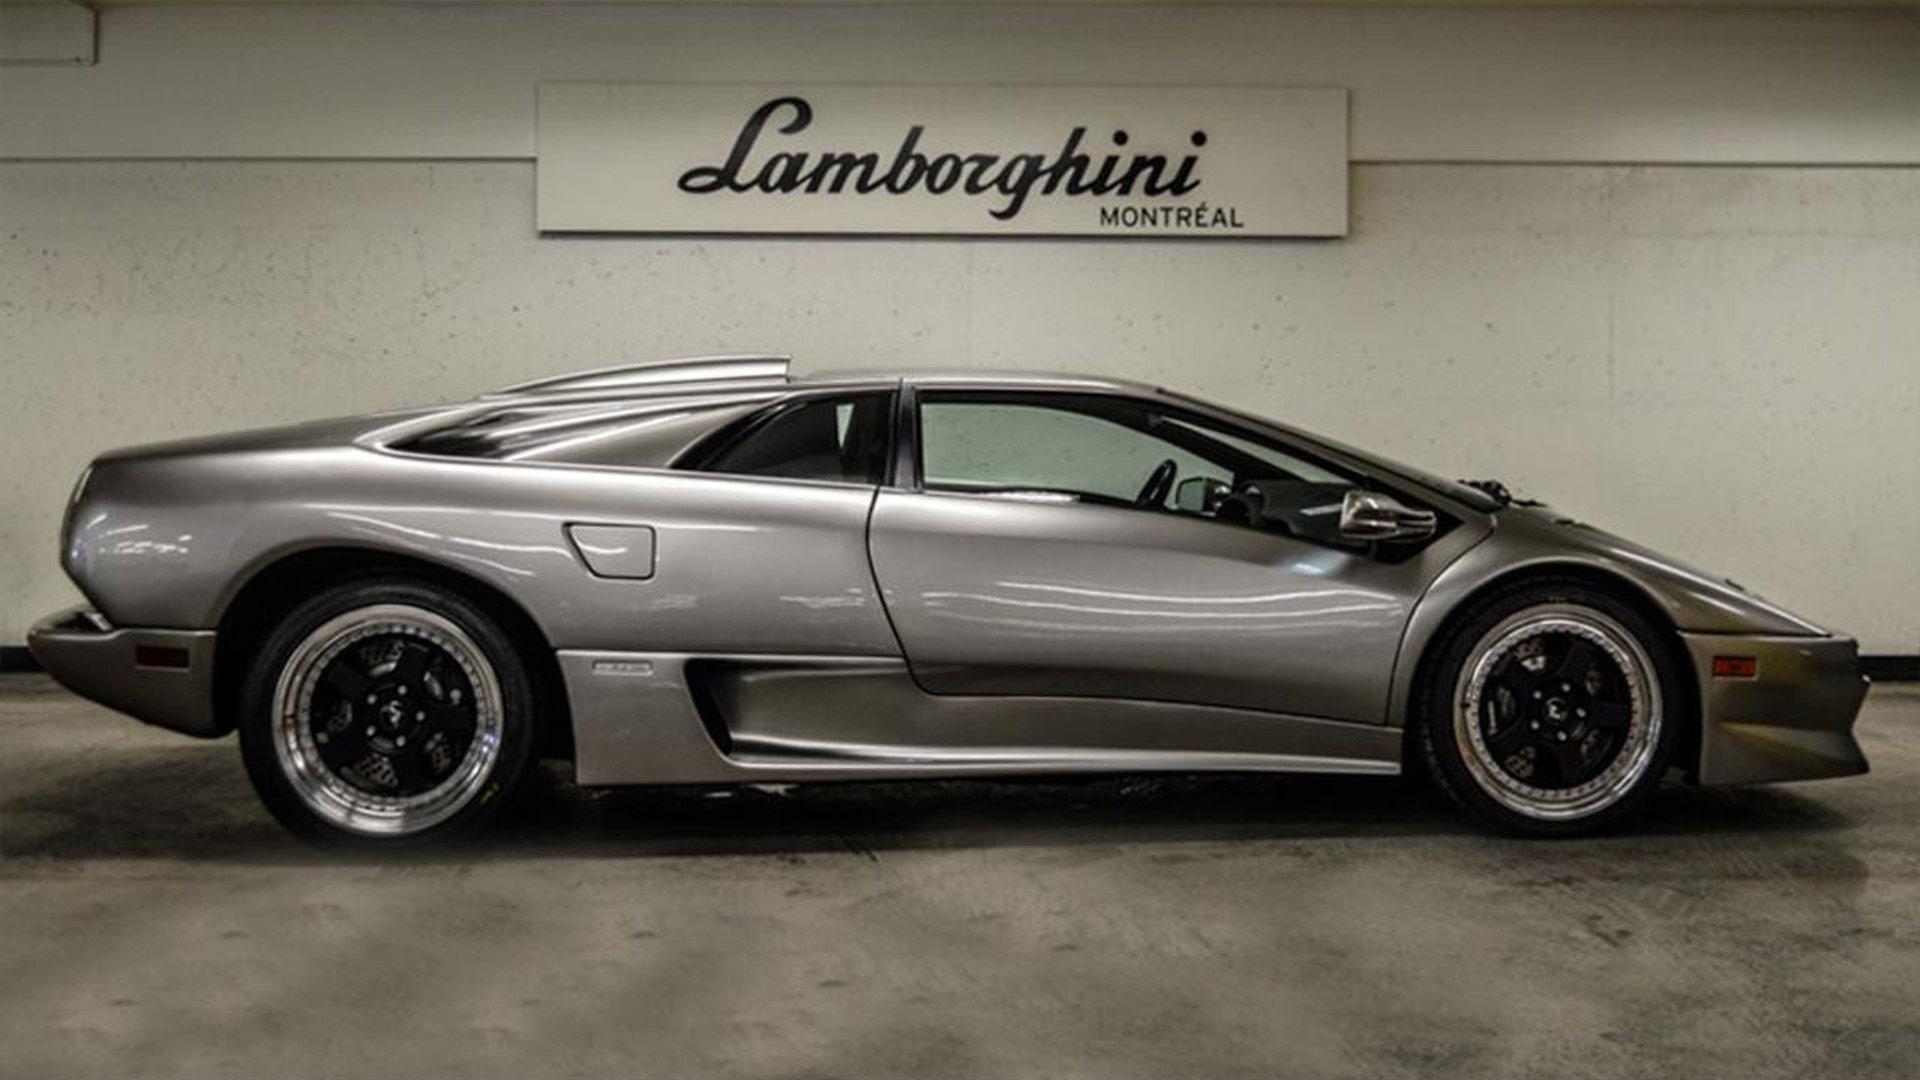 Pristine Lamborghini Diablo Sv With 1 1 Miles For Sale